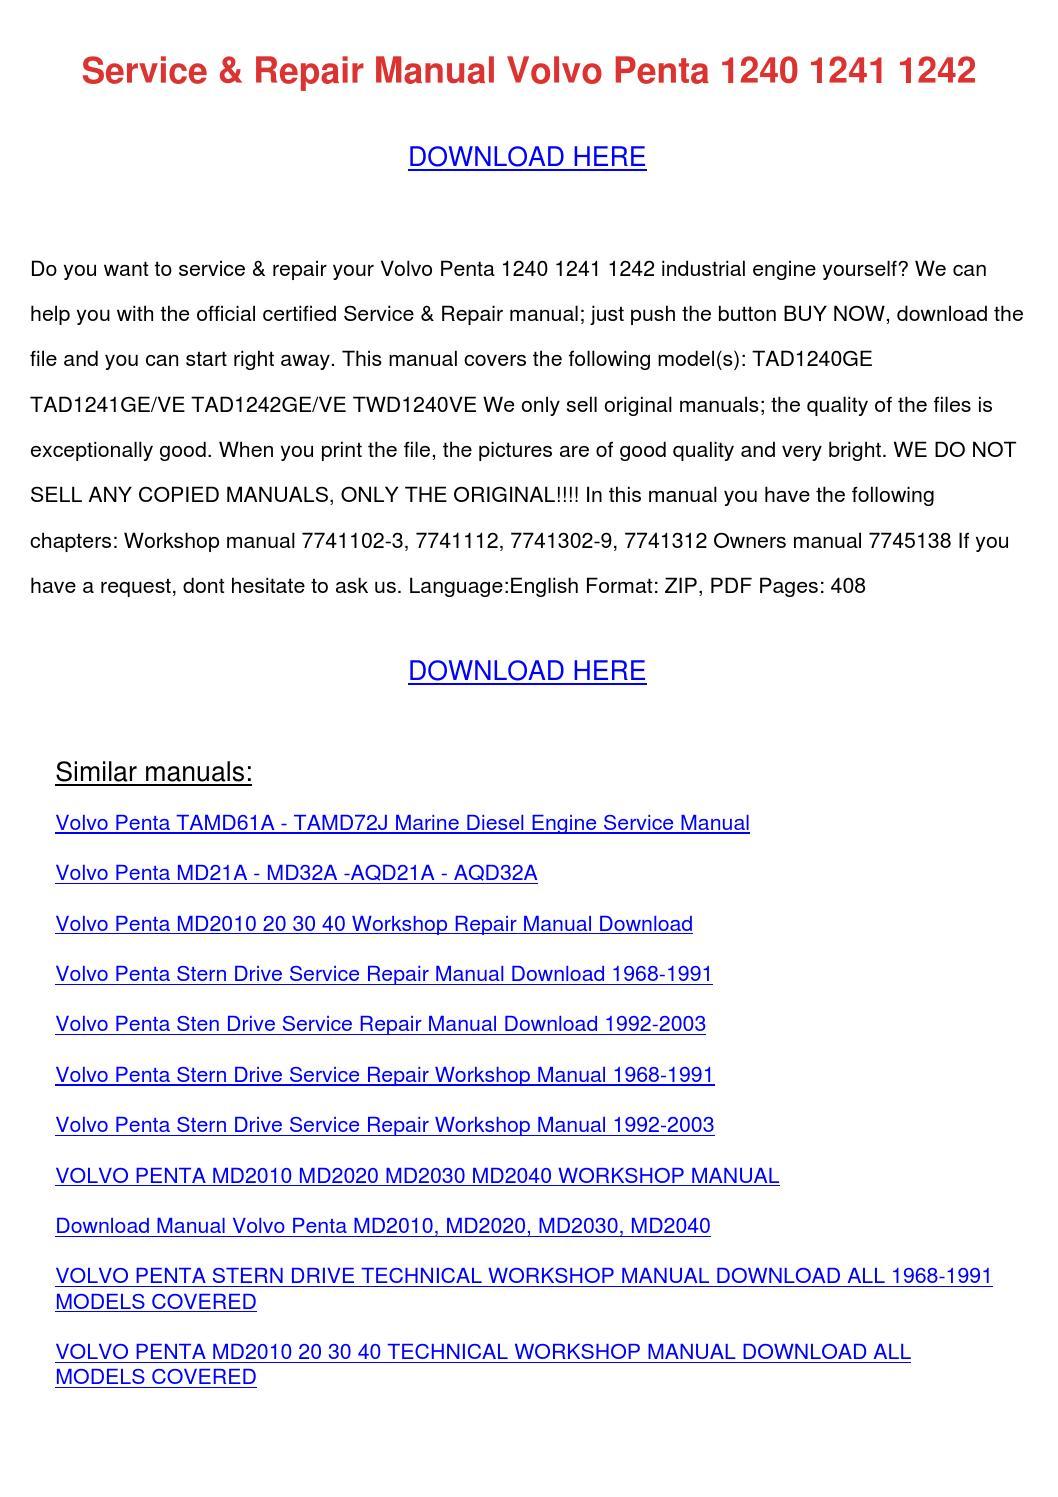 service repair manual volvo penta 1240 1241 1 by